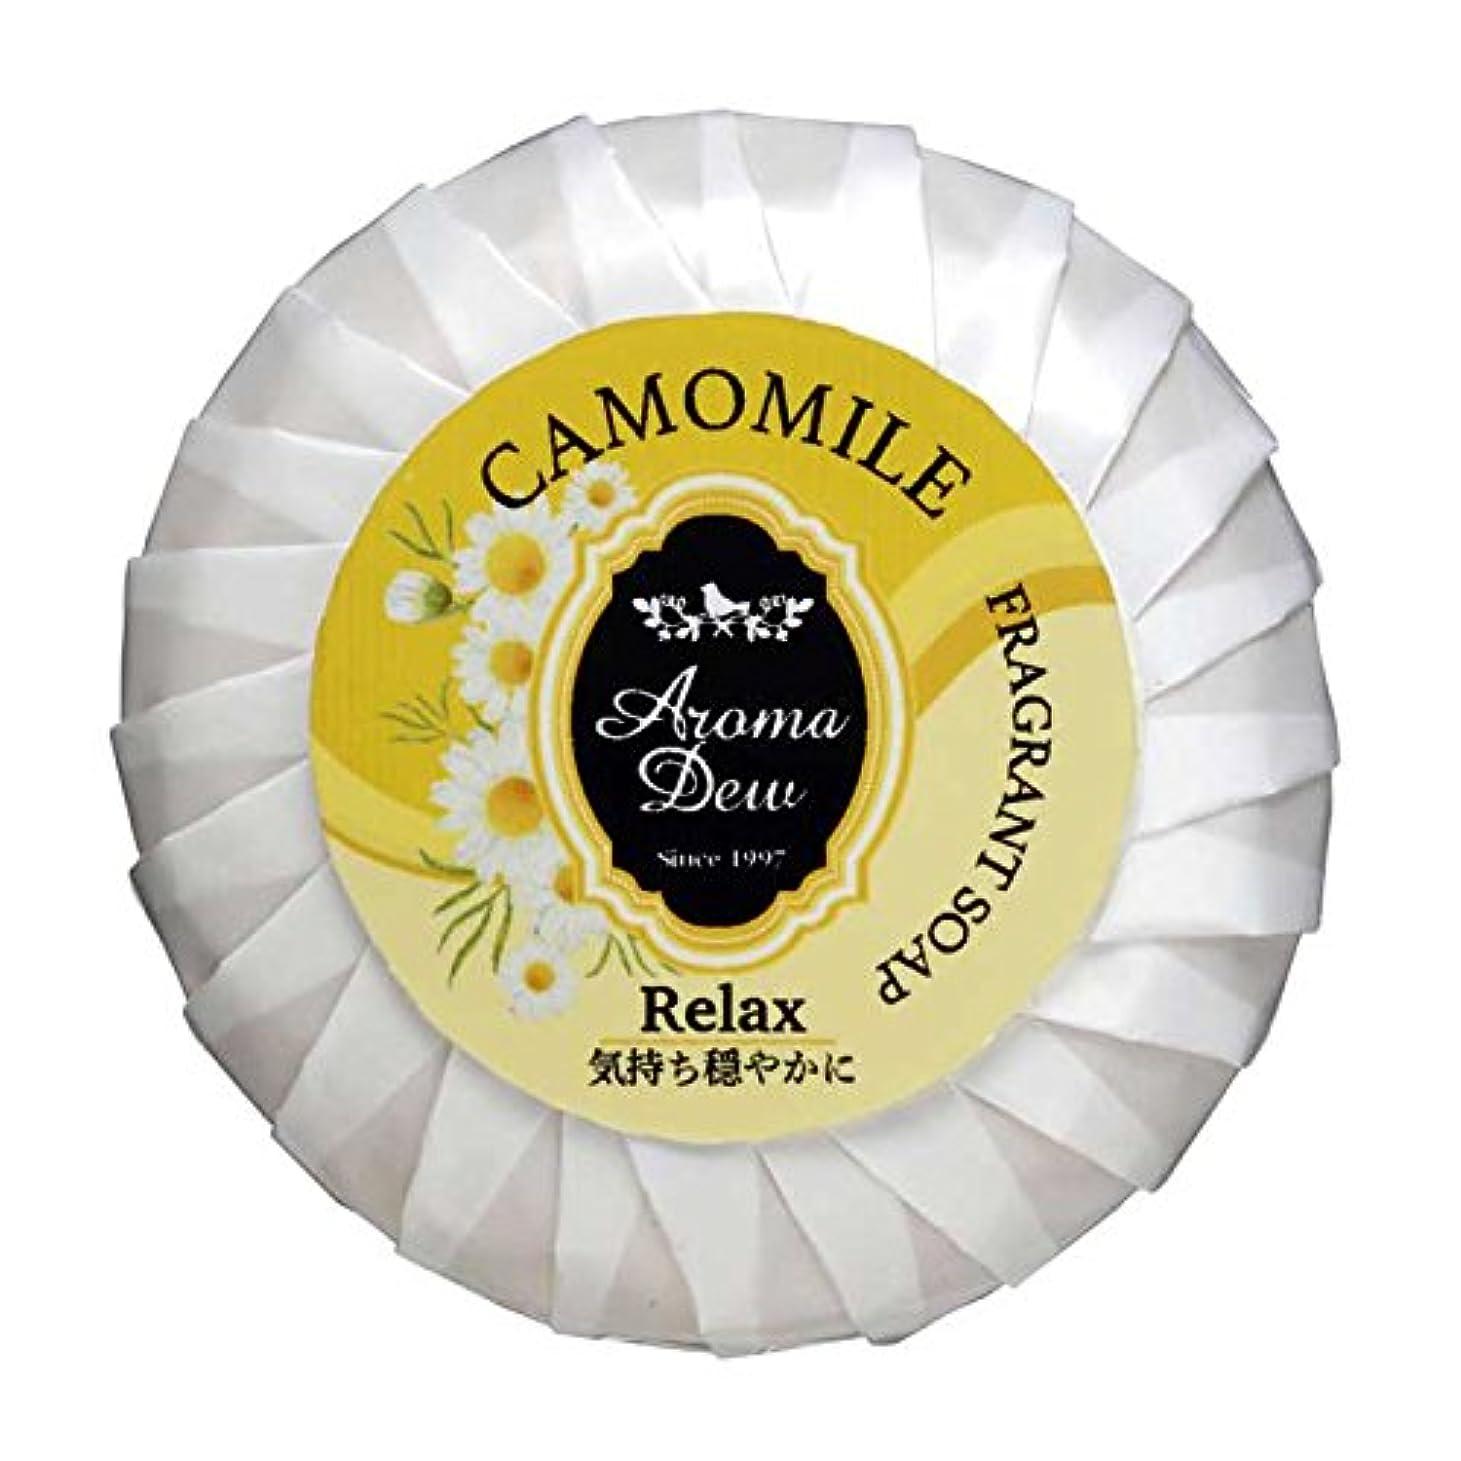 非アクティブラッシュ道に迷いましたアロマデュウ フレグラントソープ カモミールの香り 100g